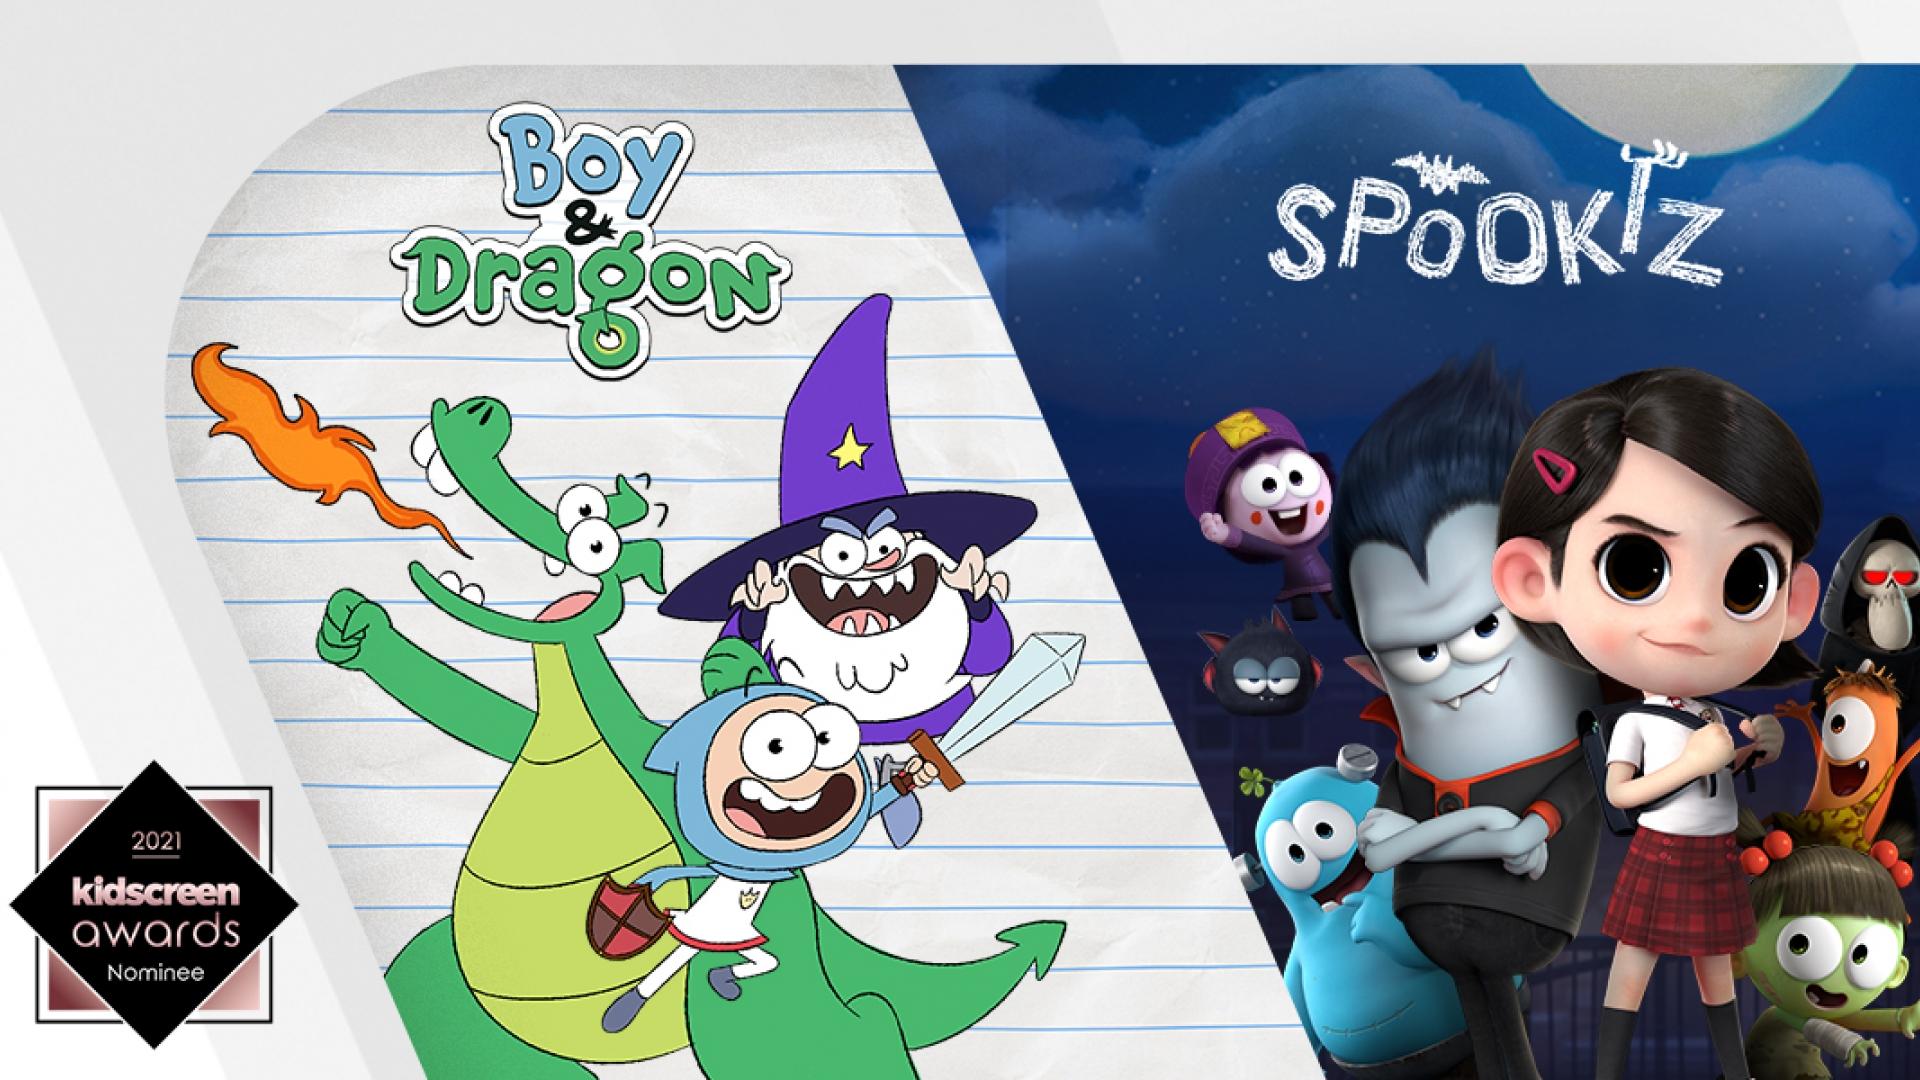 boy dragon wizard spookiz wildbrain spark kidscreen awards